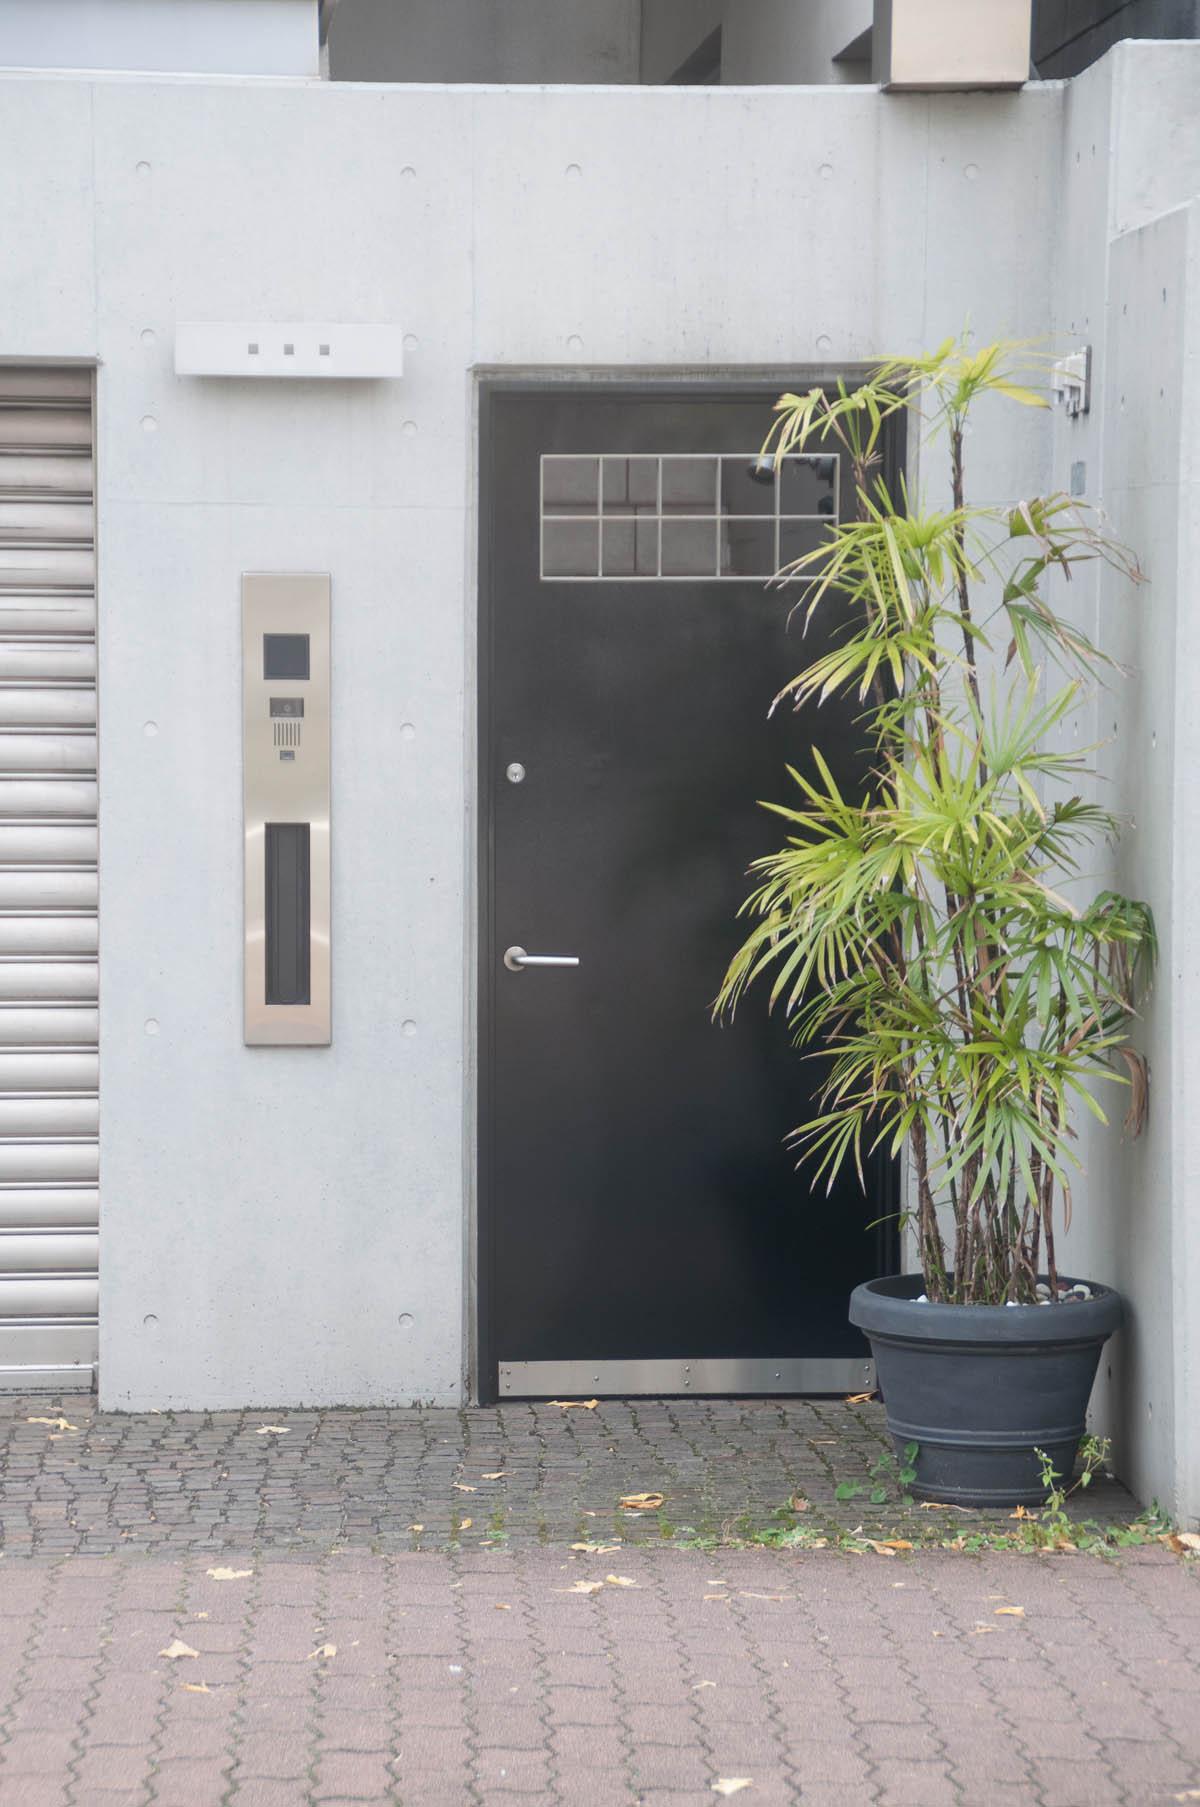 tokyo_doors-10_low